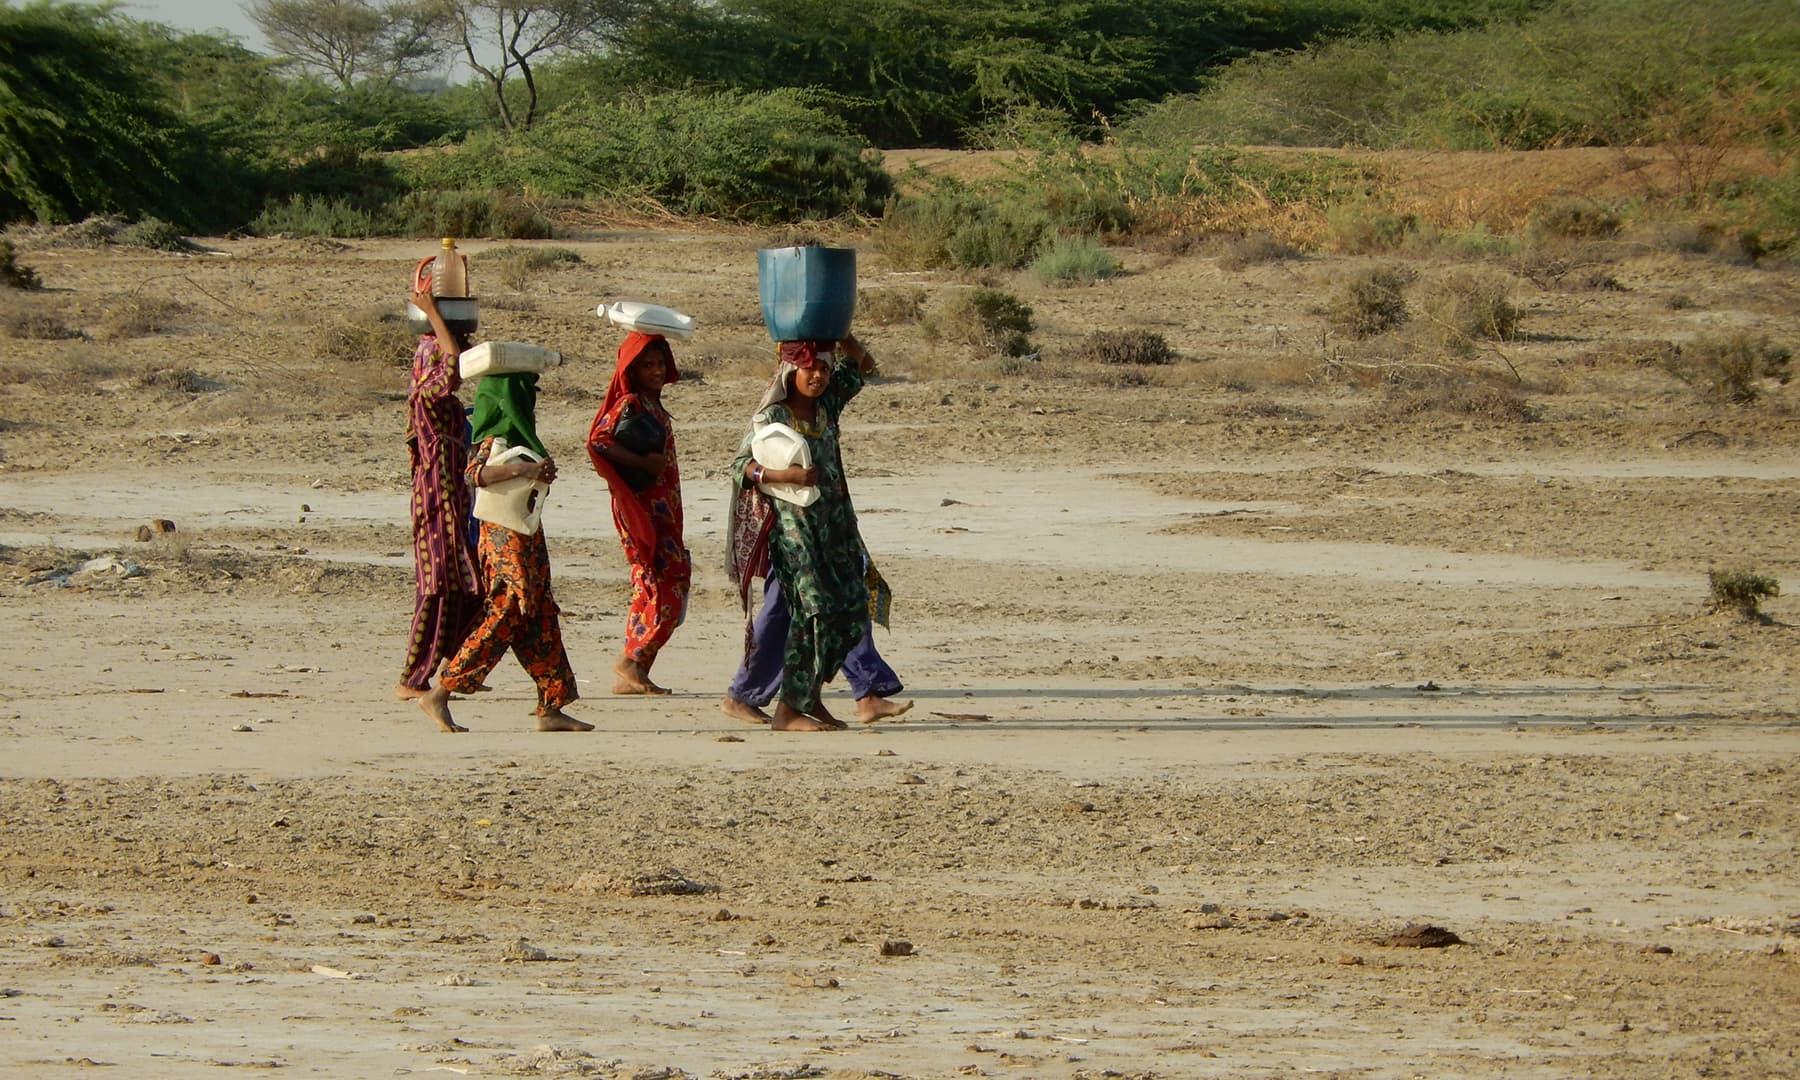 جاتی کے اس گاؤں میں حالات اور بھی بدتر ہوگئے ہیں—تصویر ابوبکر شیخ